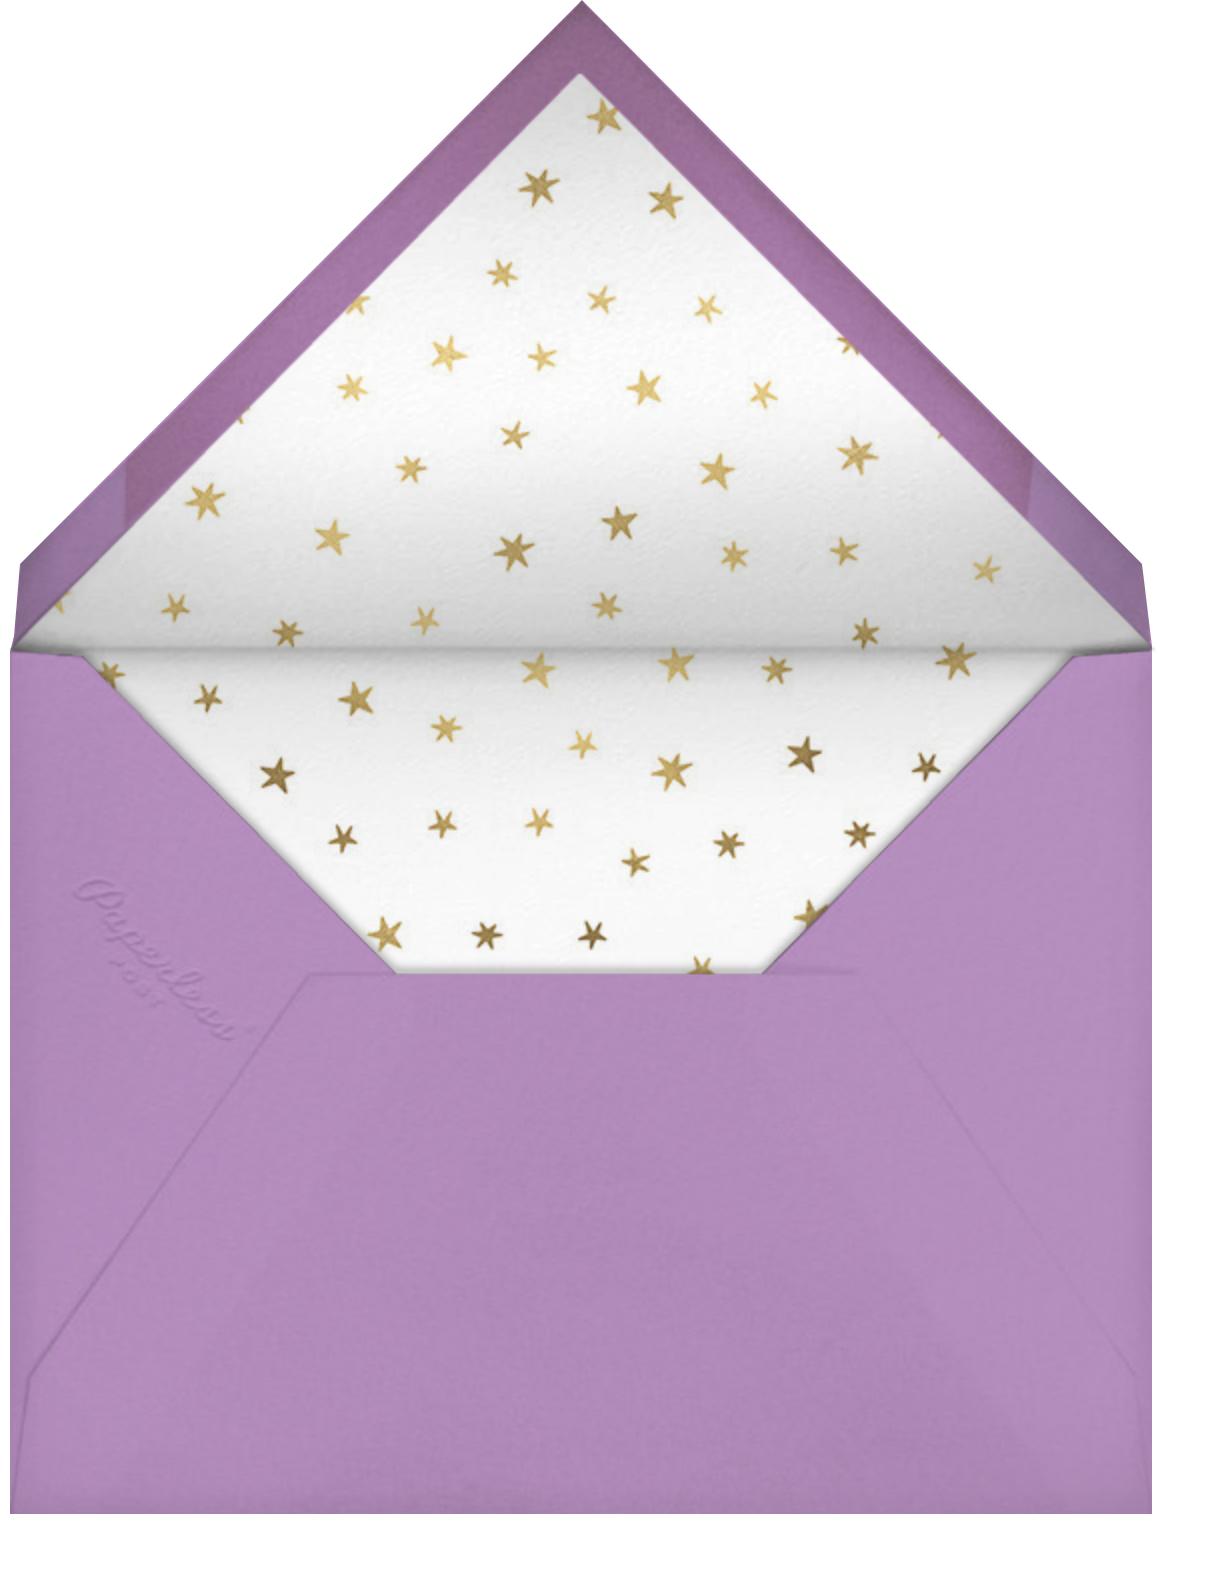 Rainbow Mane - Meri Meri - Unicorn invitations - envelope back